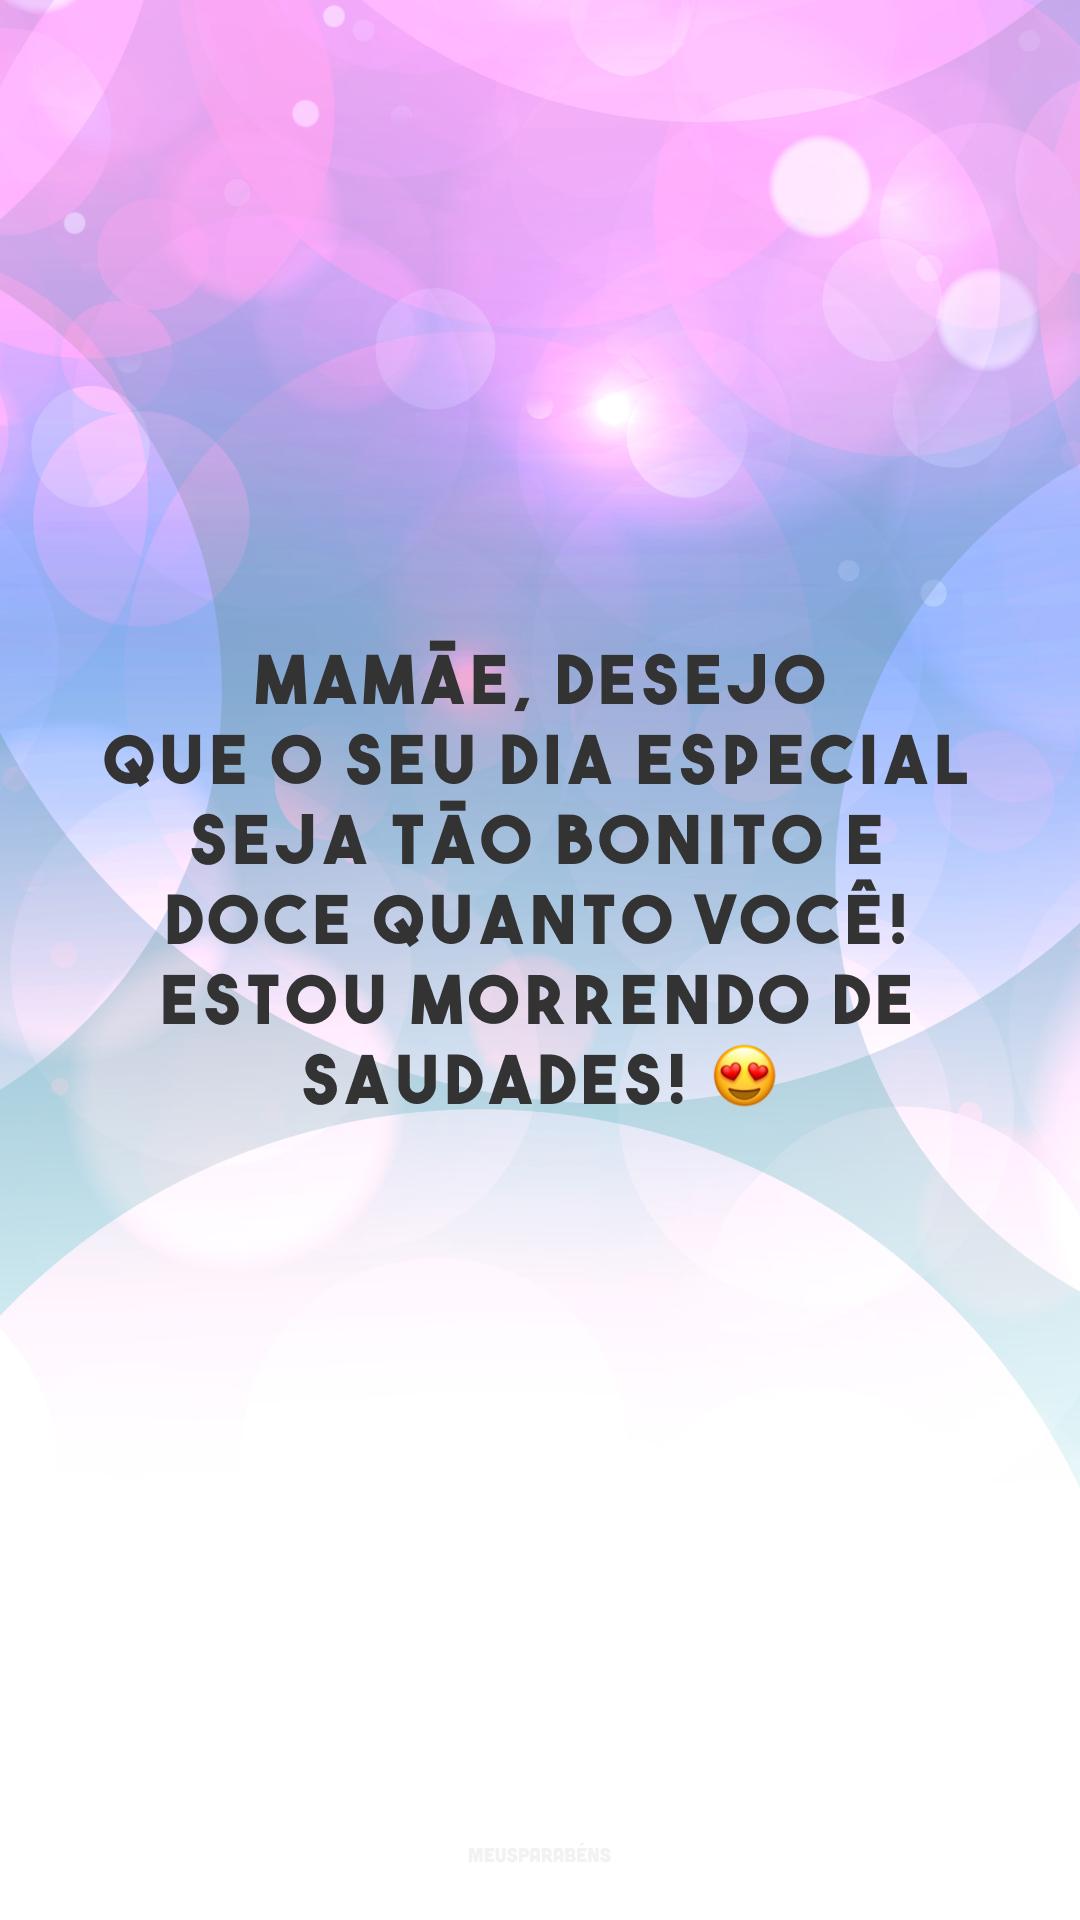 Mamãe, desejo que o seu dia especial seja tão bonito e doce quanto você! Estou morrendo de saudades! 😍